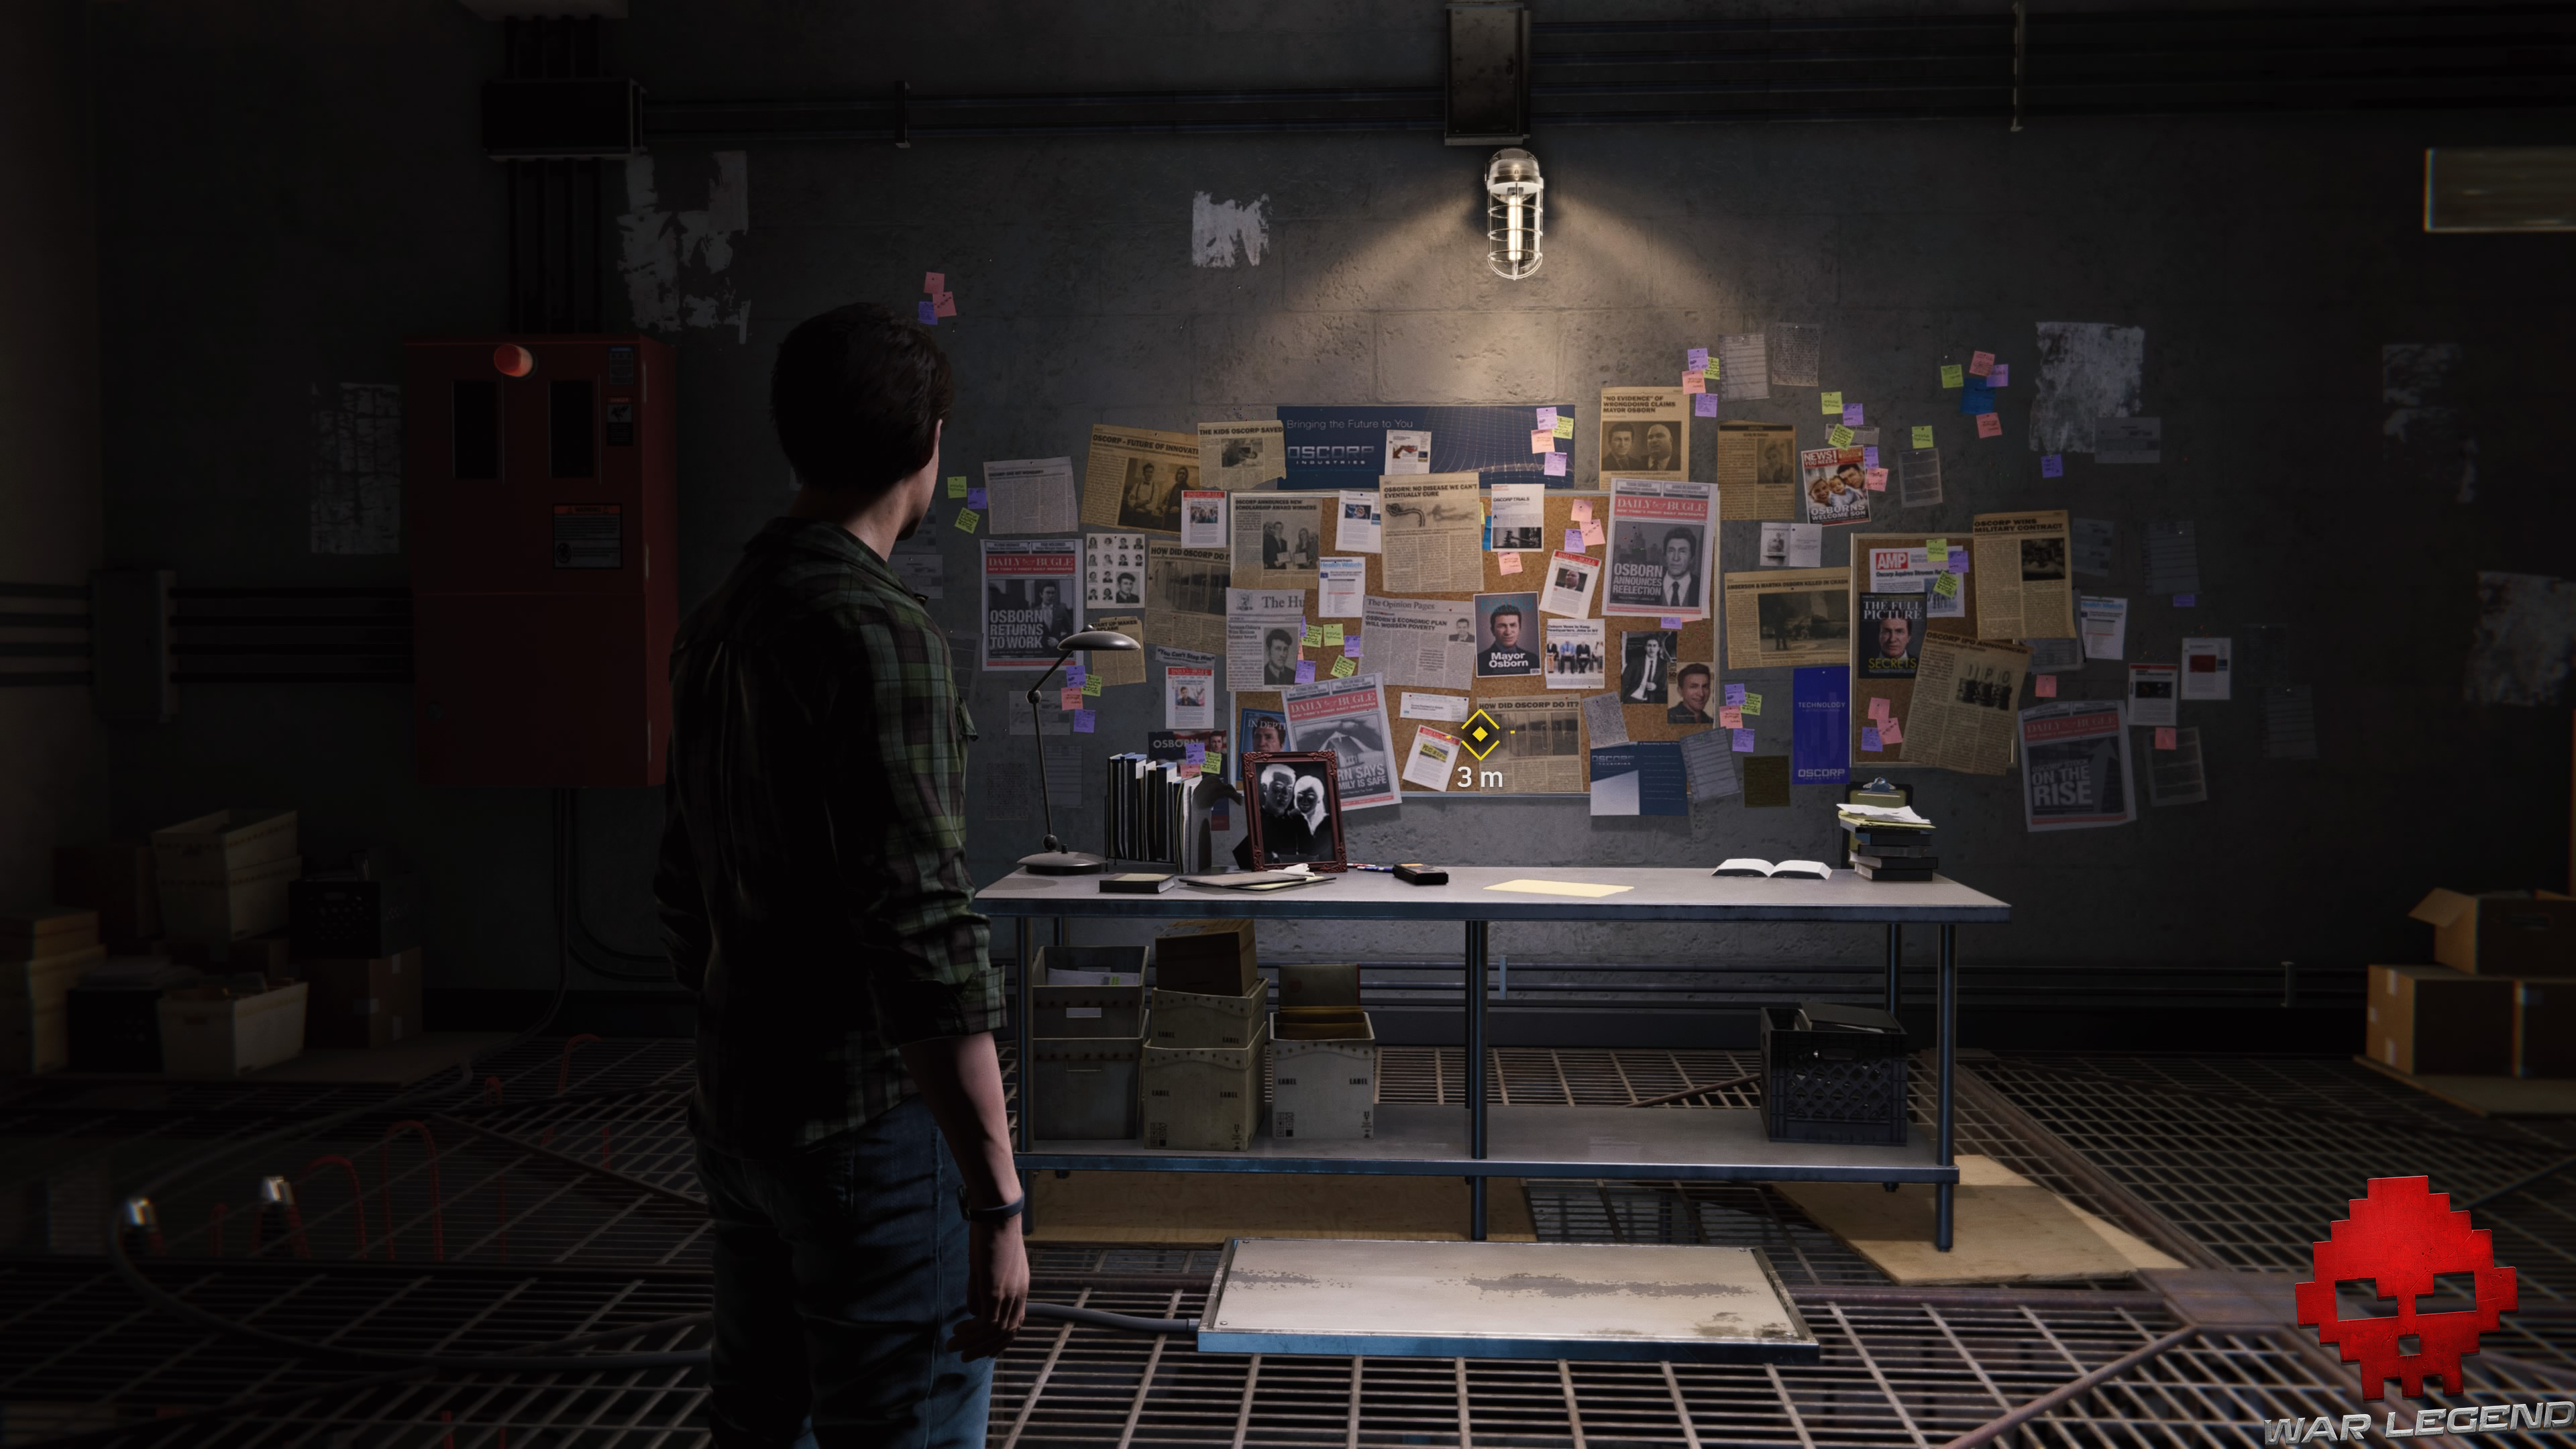 solution spider-man dessein secret nombreux éléments accrochés au mur